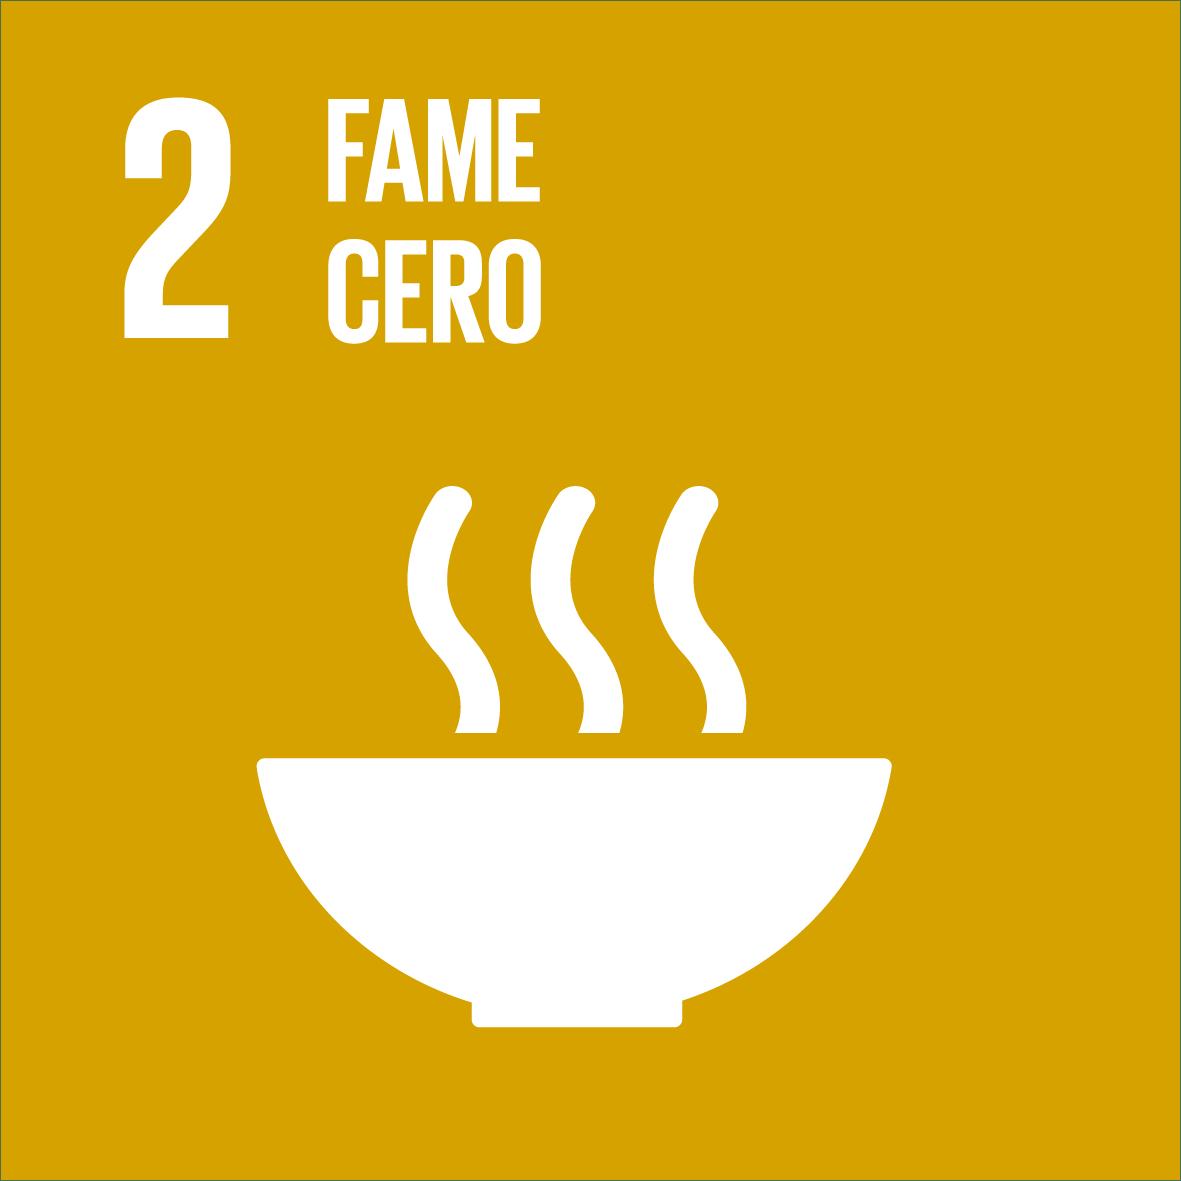 ODS 2: Fame cero